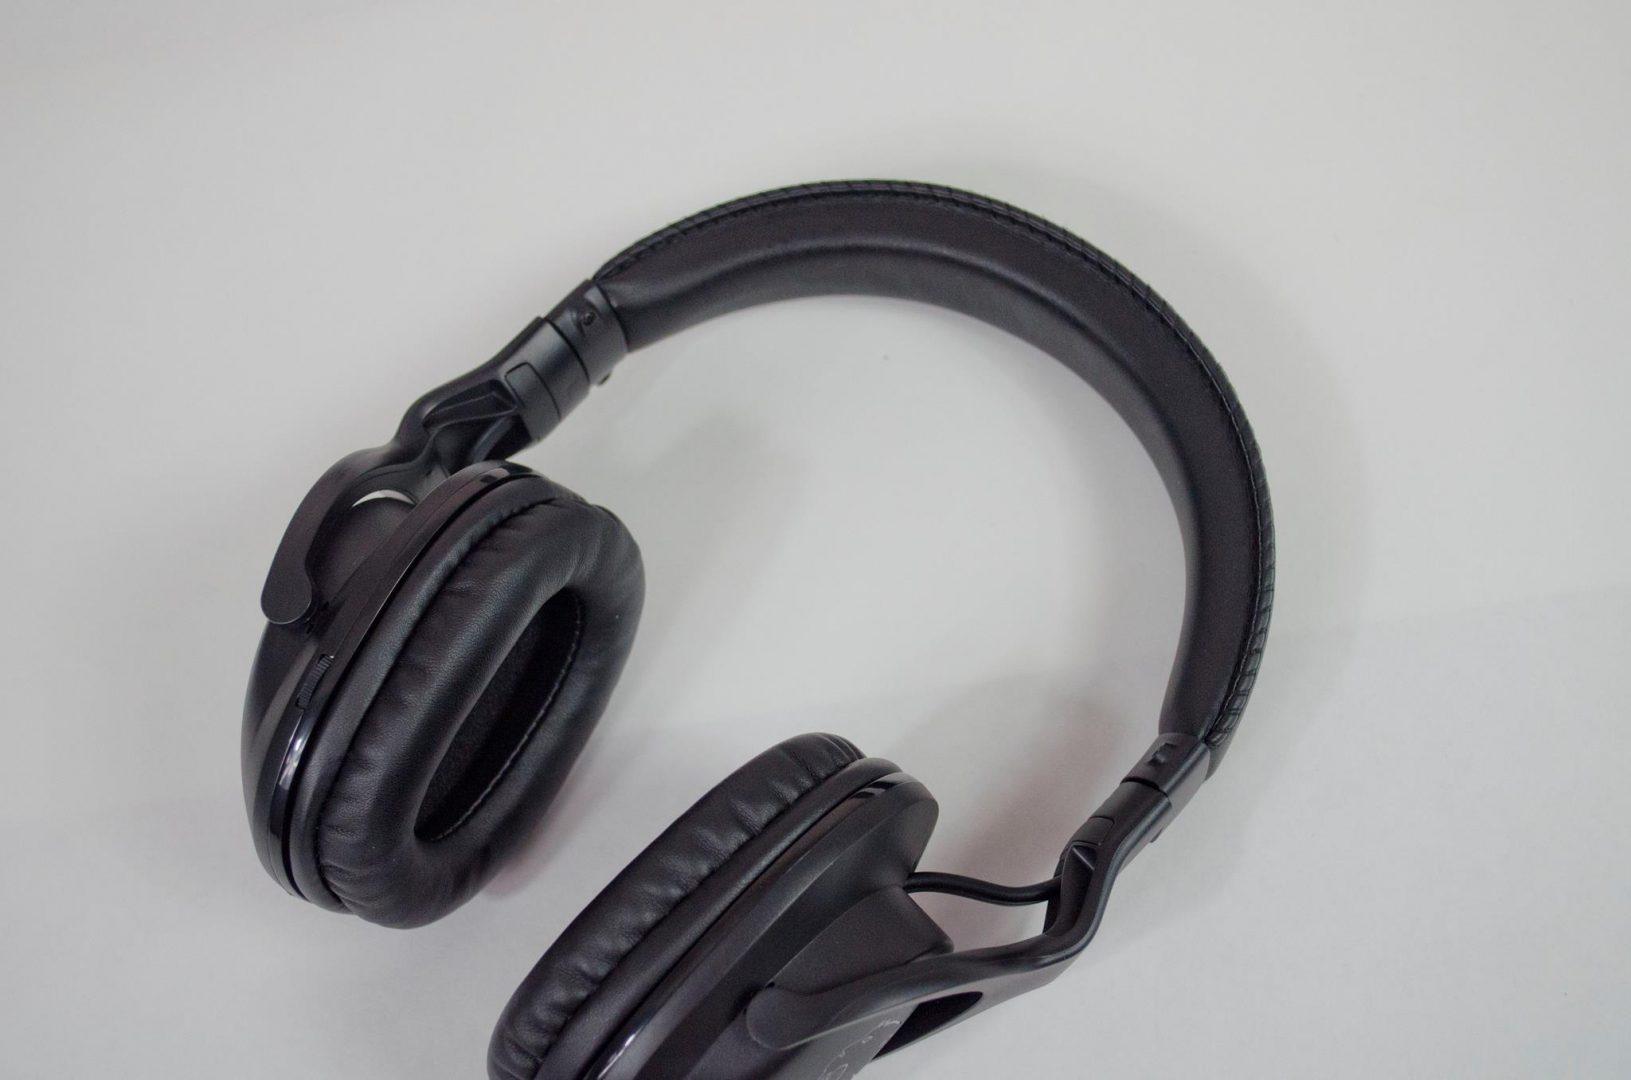 roccat cross headset review_6